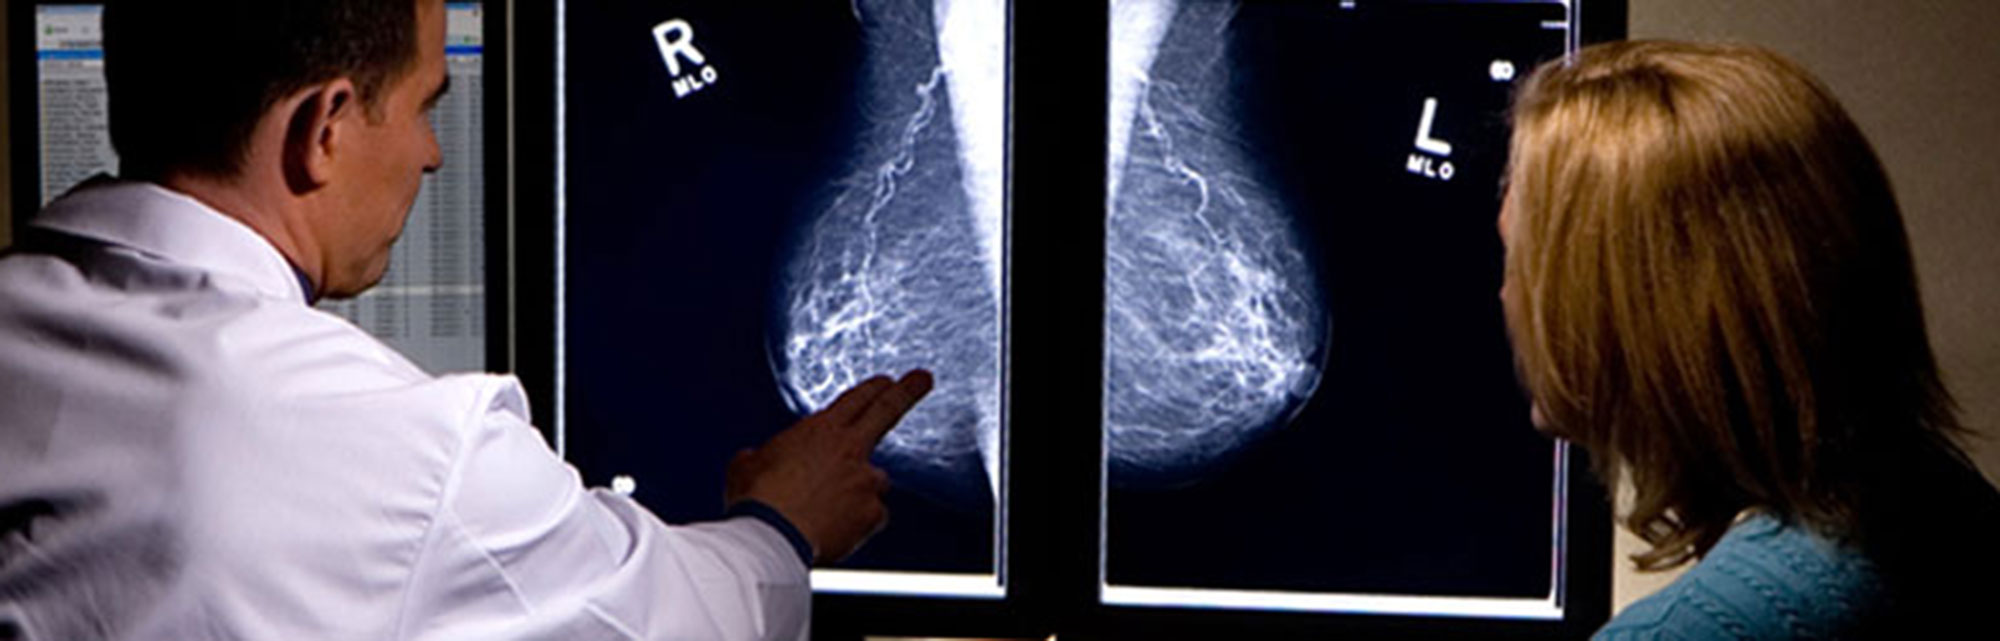 Breast X-Rays